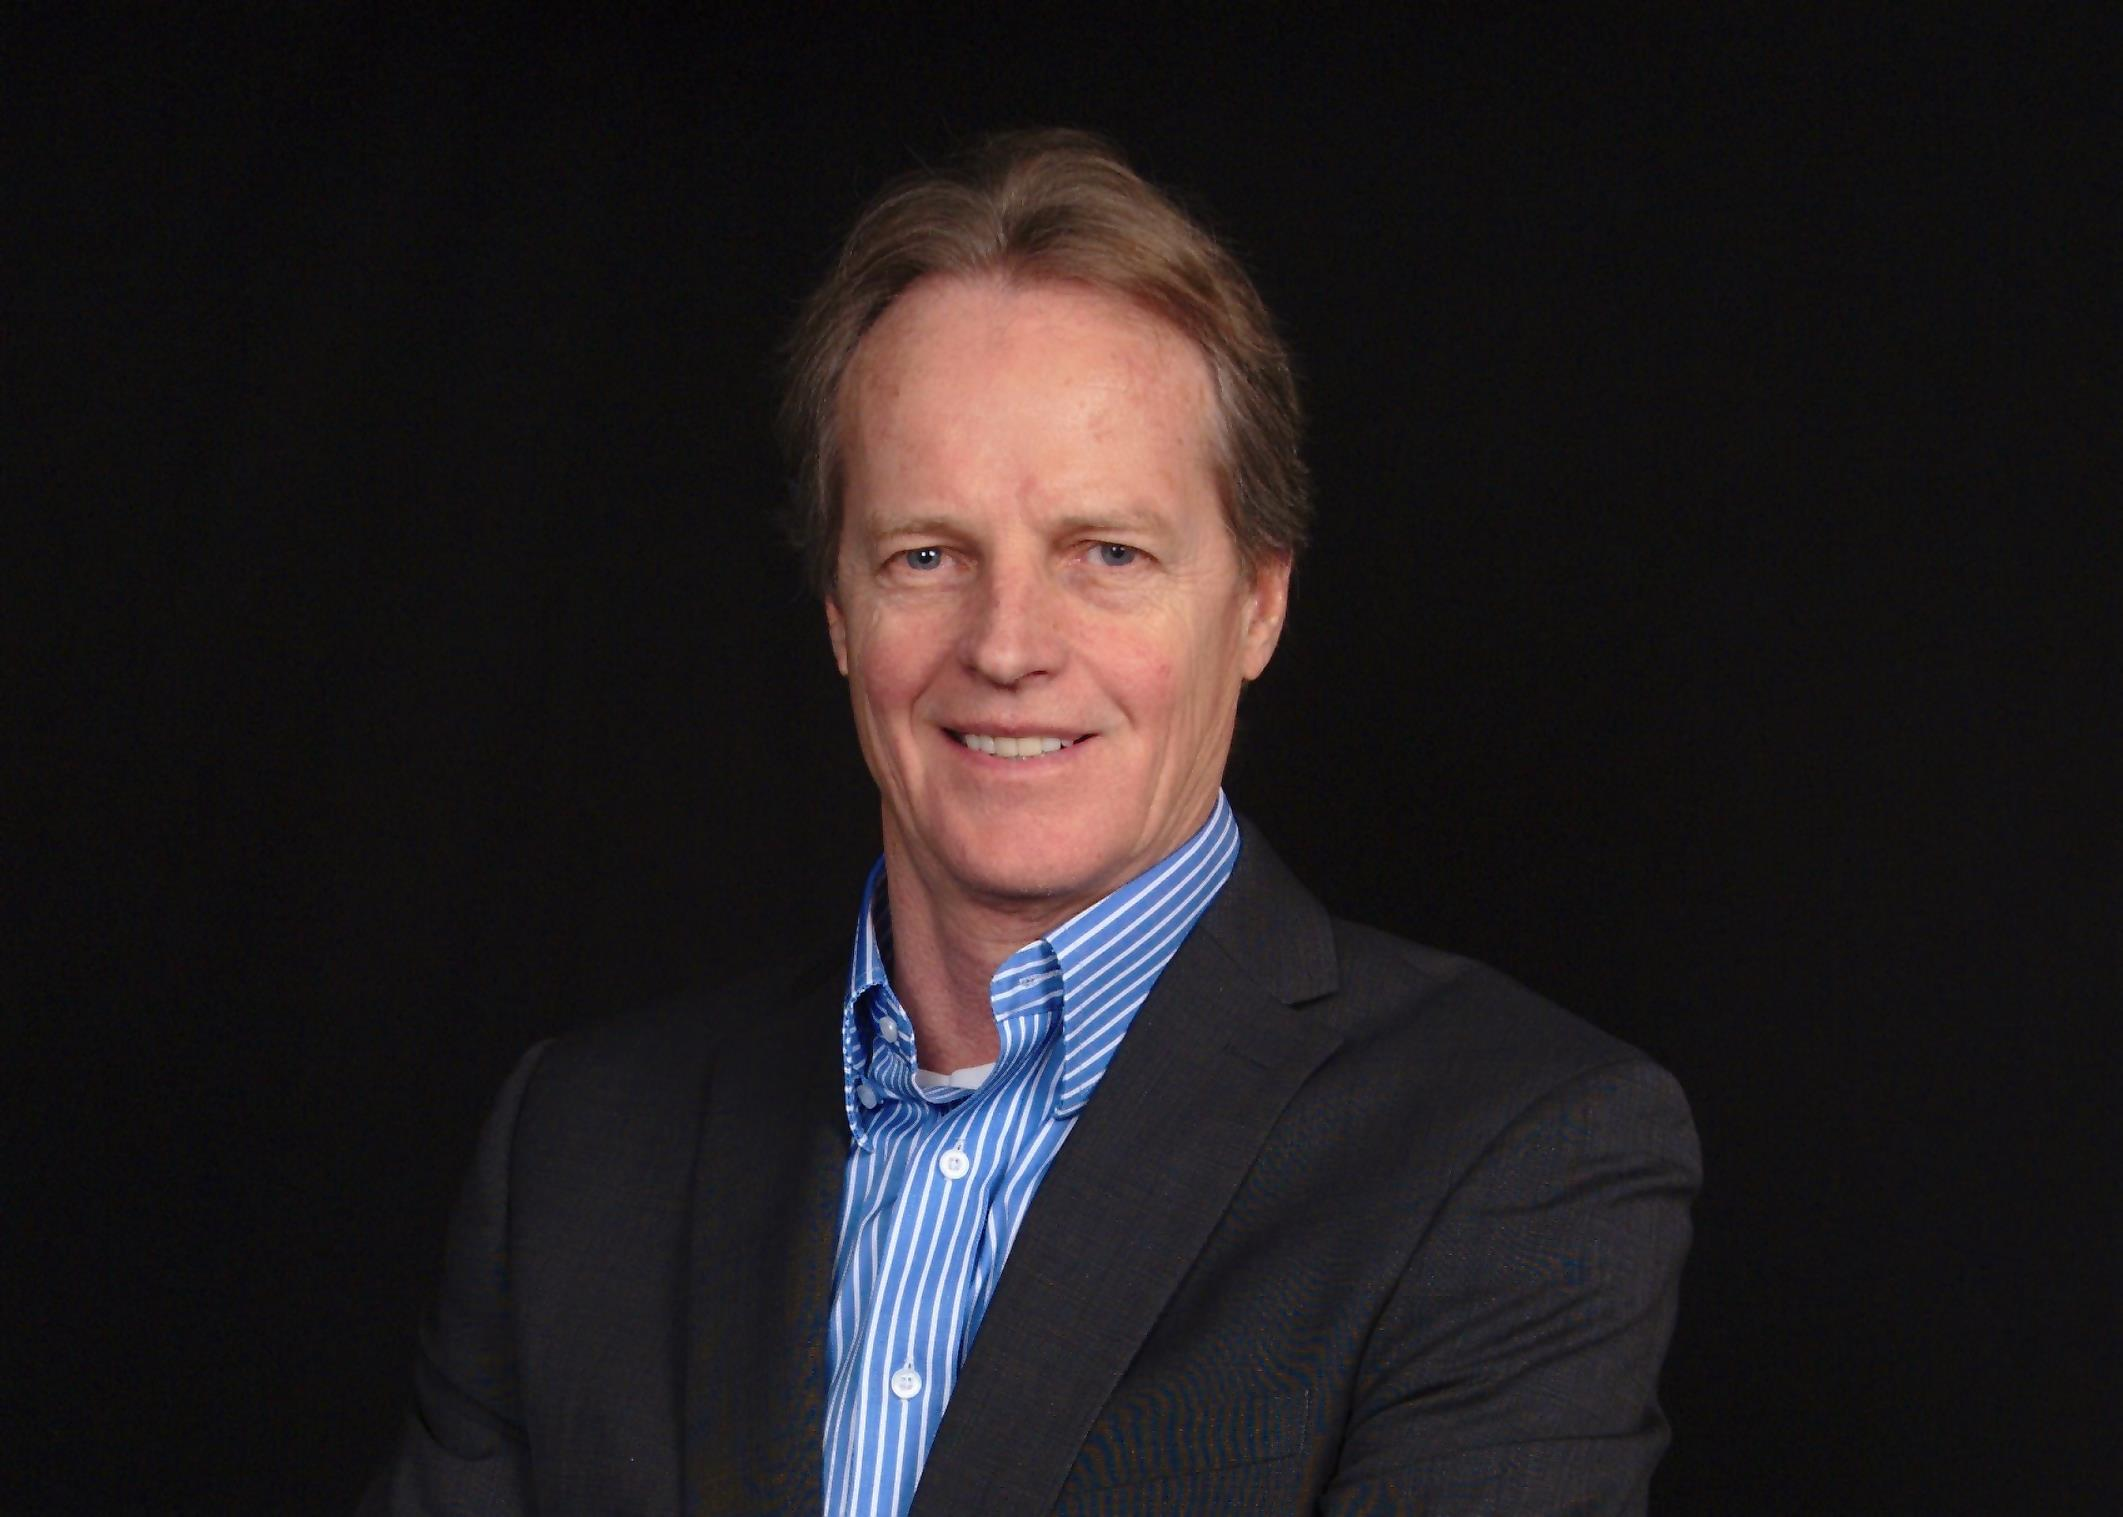 Gregg D. Ander, FAIA